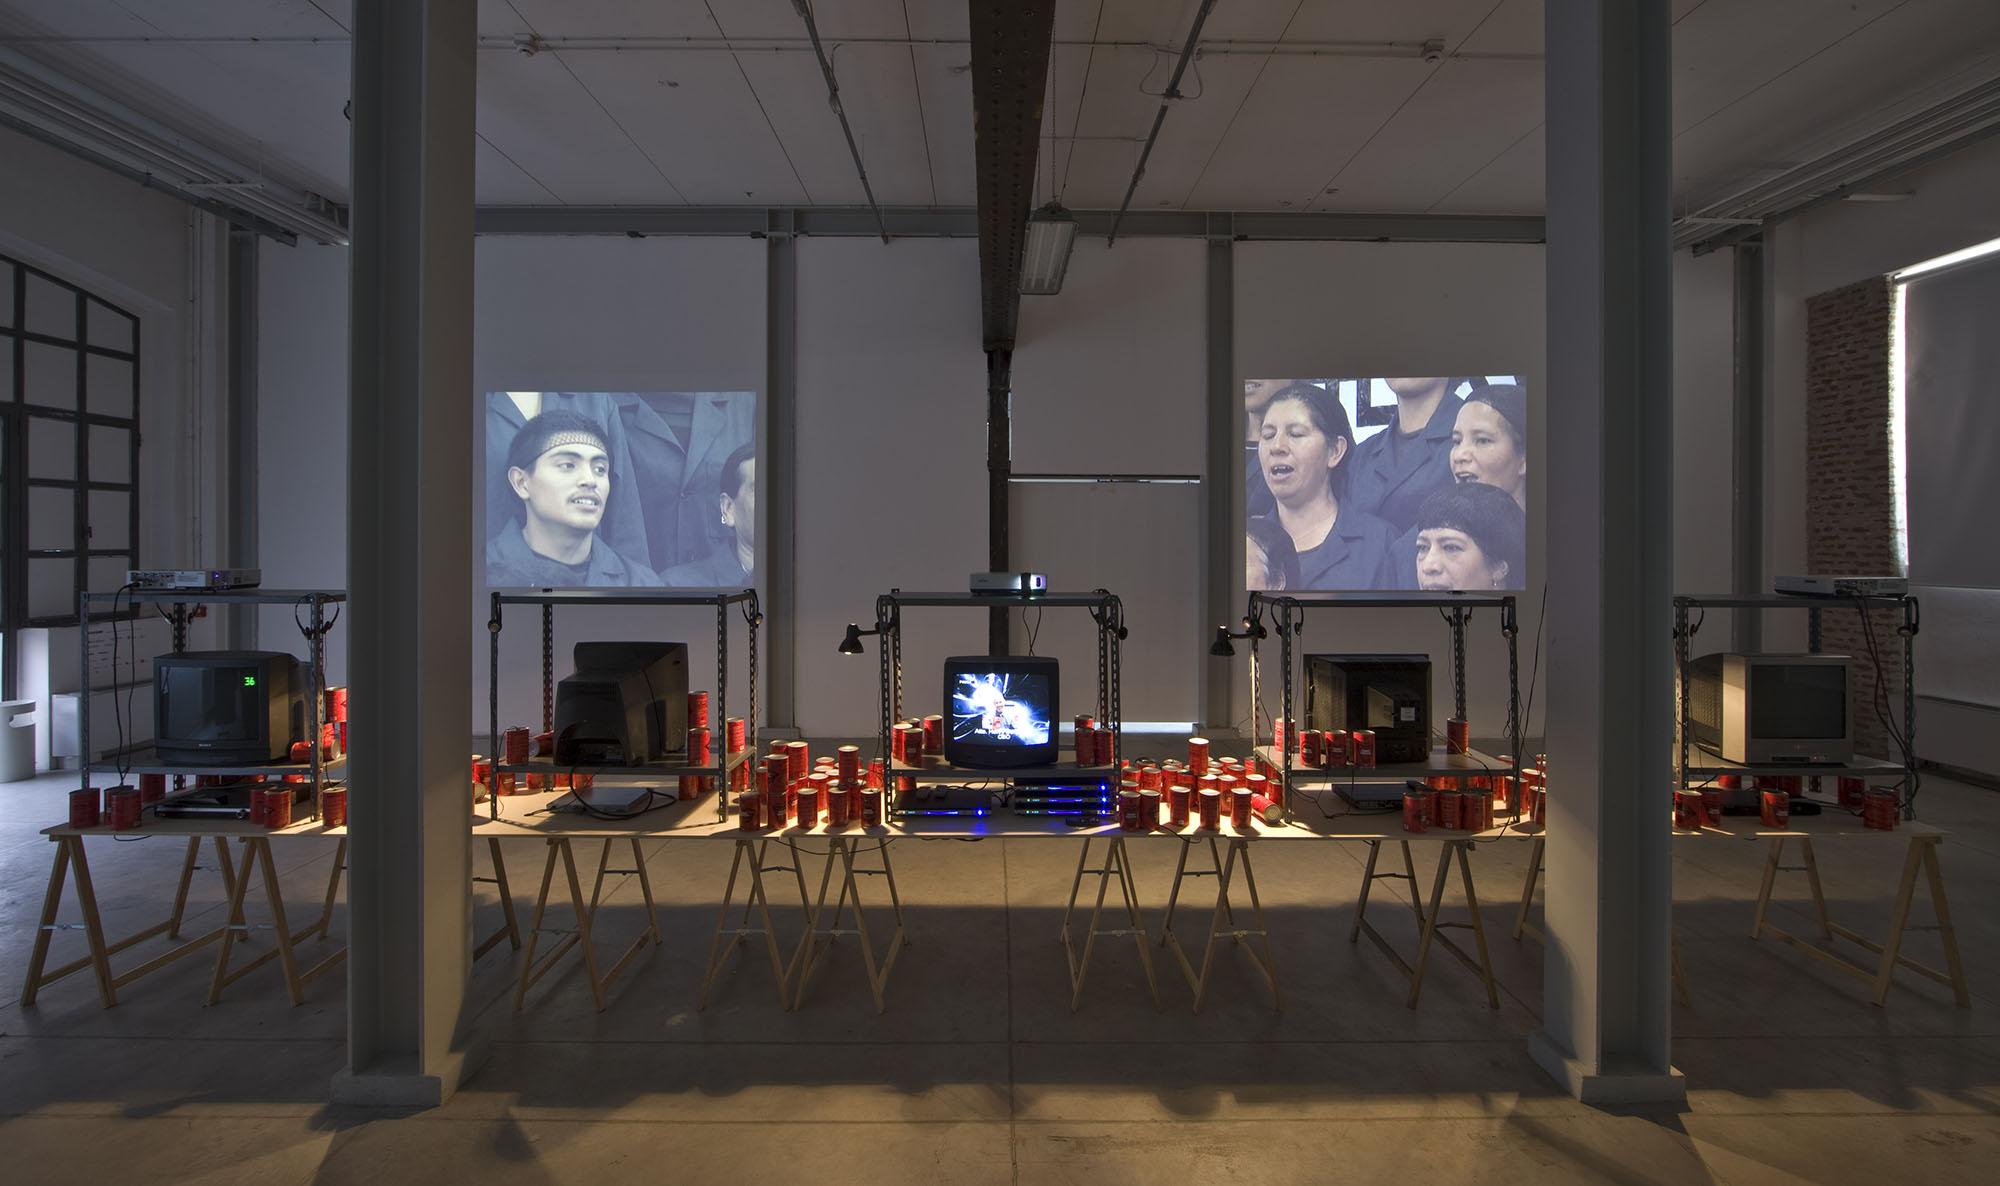 Canned Laughter Installation View Via Farini. Courtesy of Okon Studio.